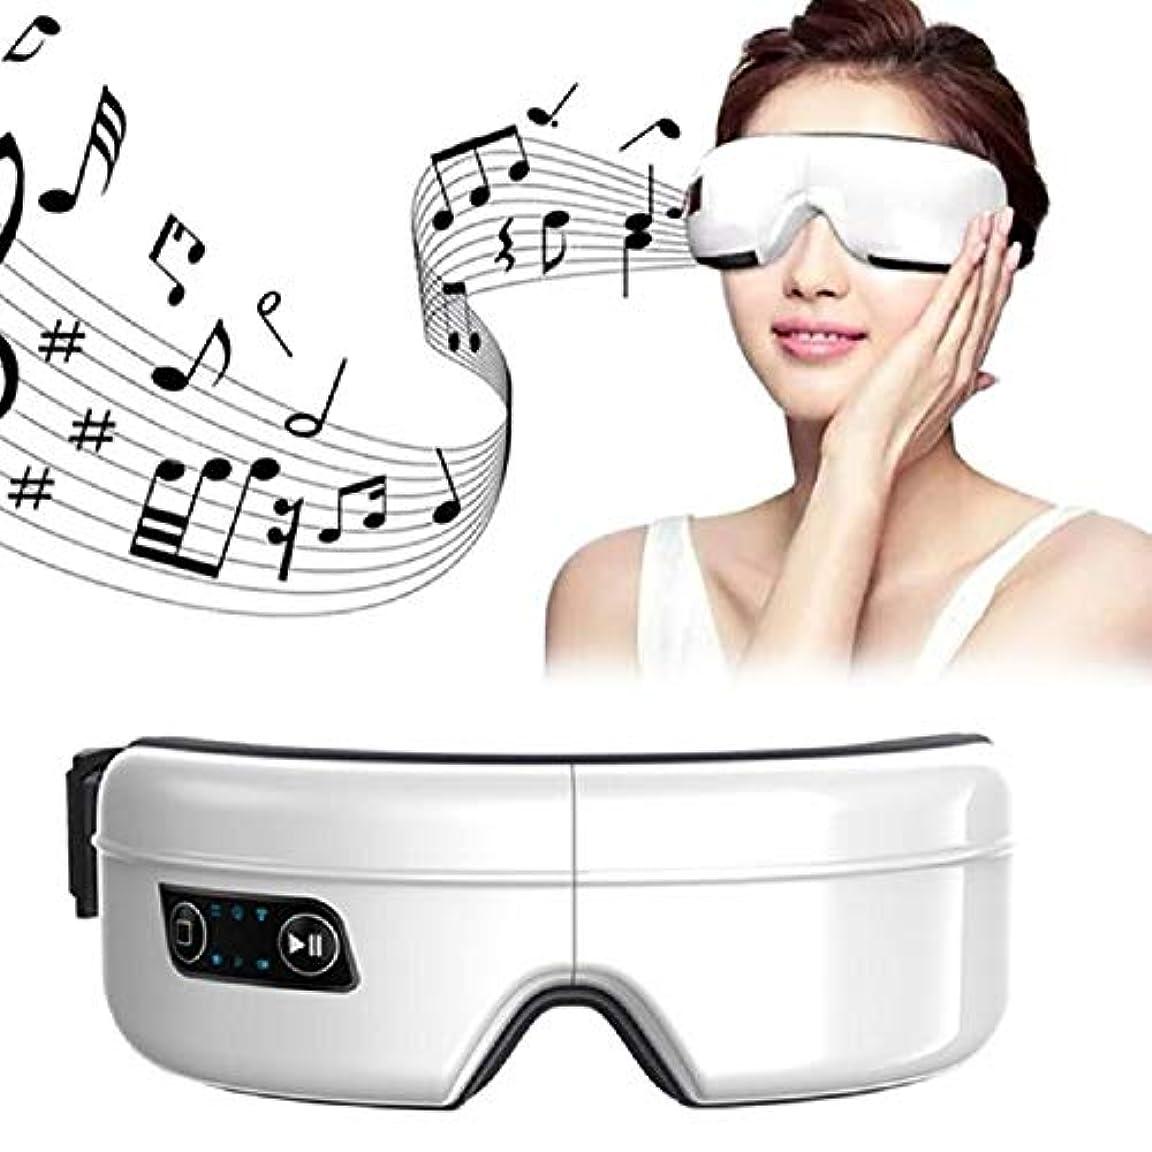 最大のアジア力Ruzzy 高度な電気ワイヤレスアイマッサージSPAの楽器、音楽充電式美容ツール 購入へようこそ